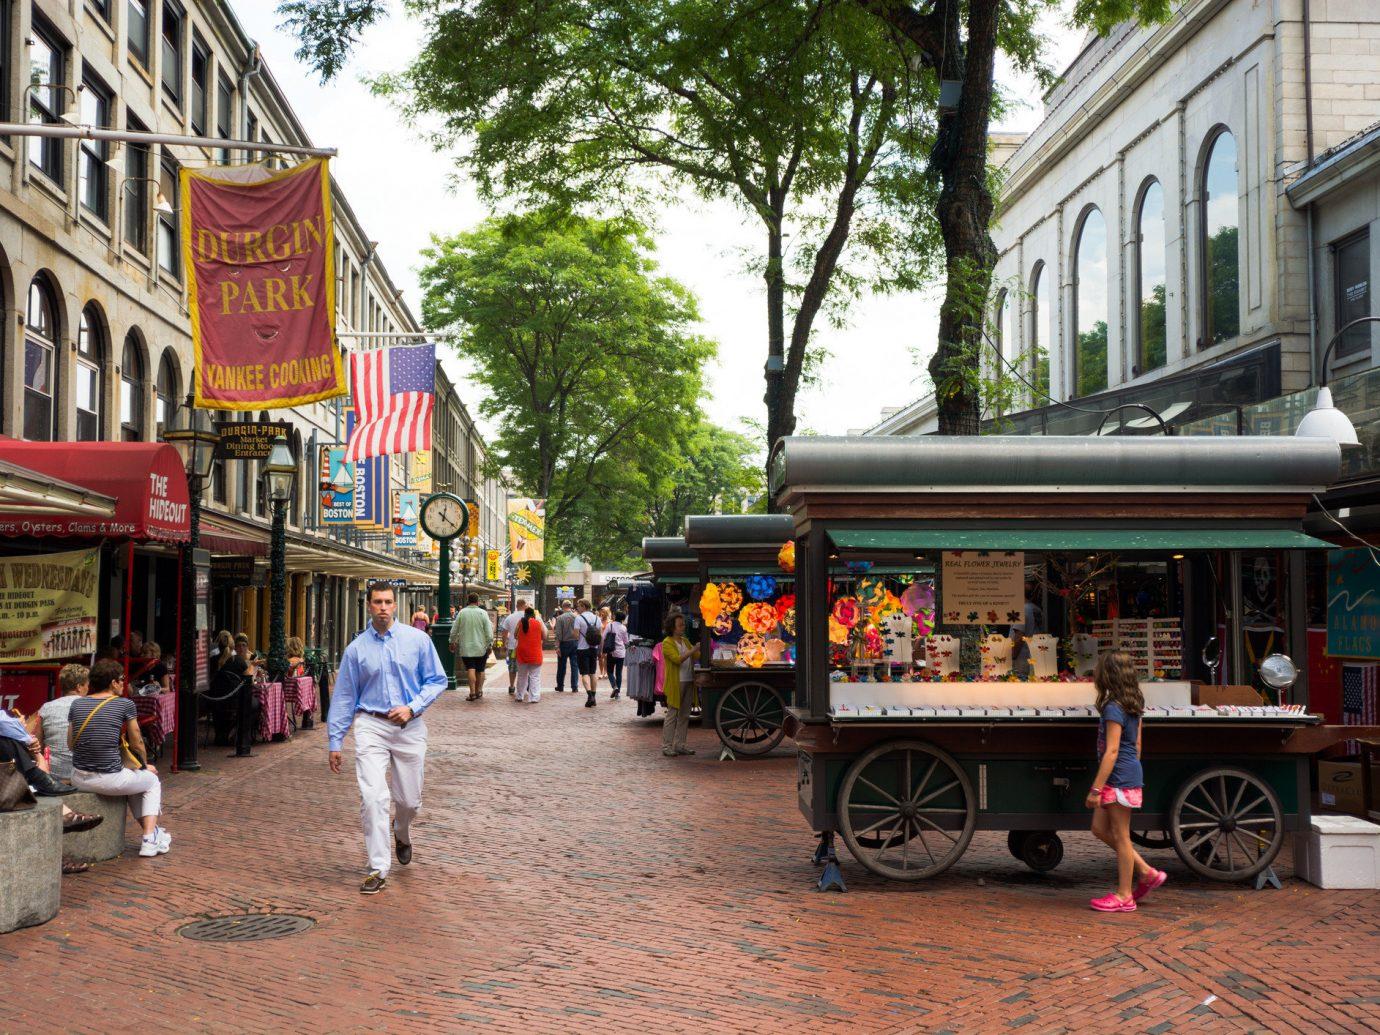 People walking down a street in Boston.